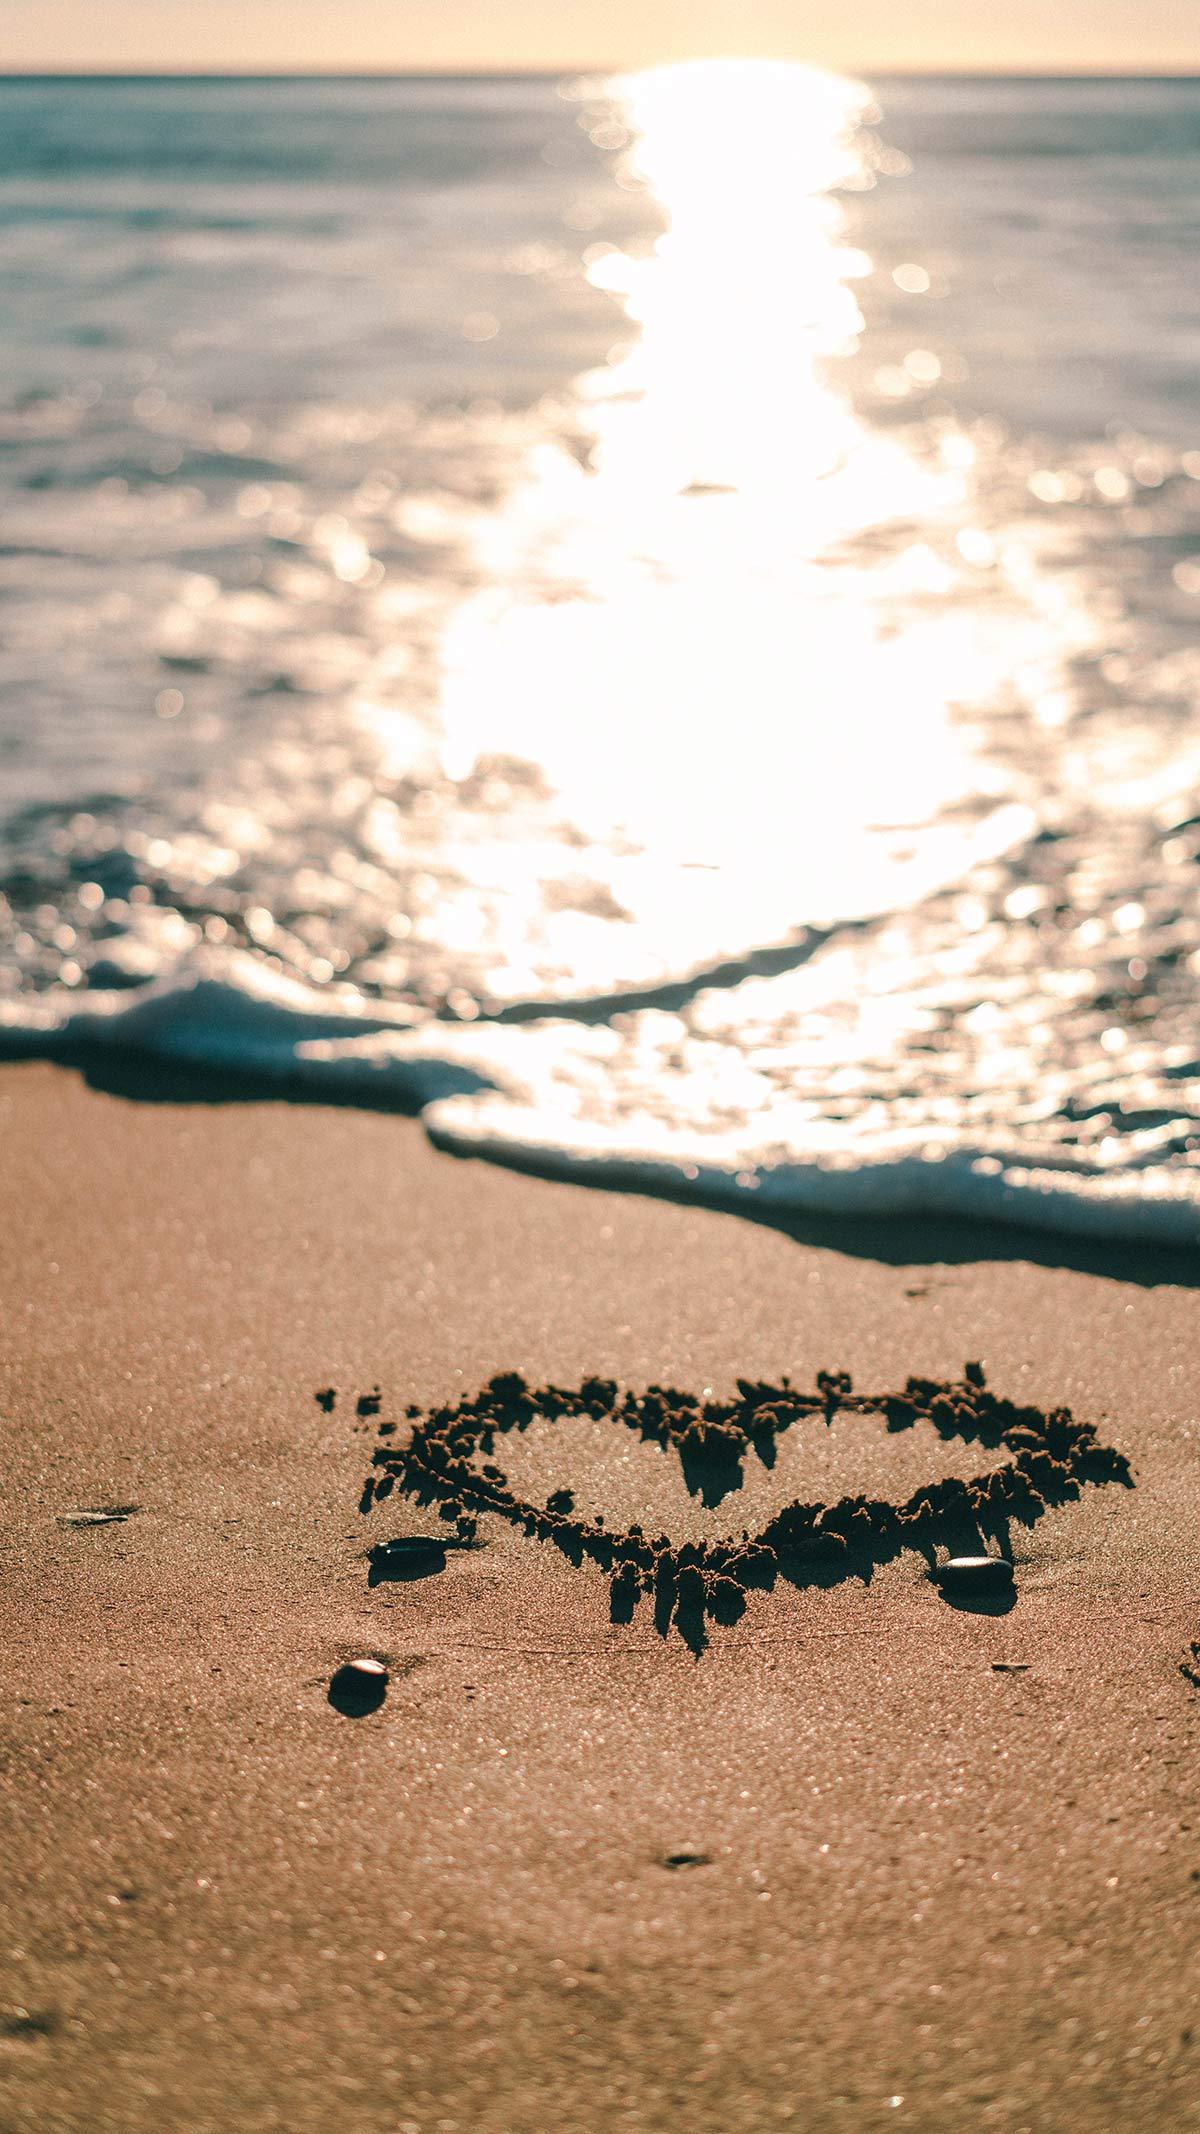 Herz in Sand gemalt